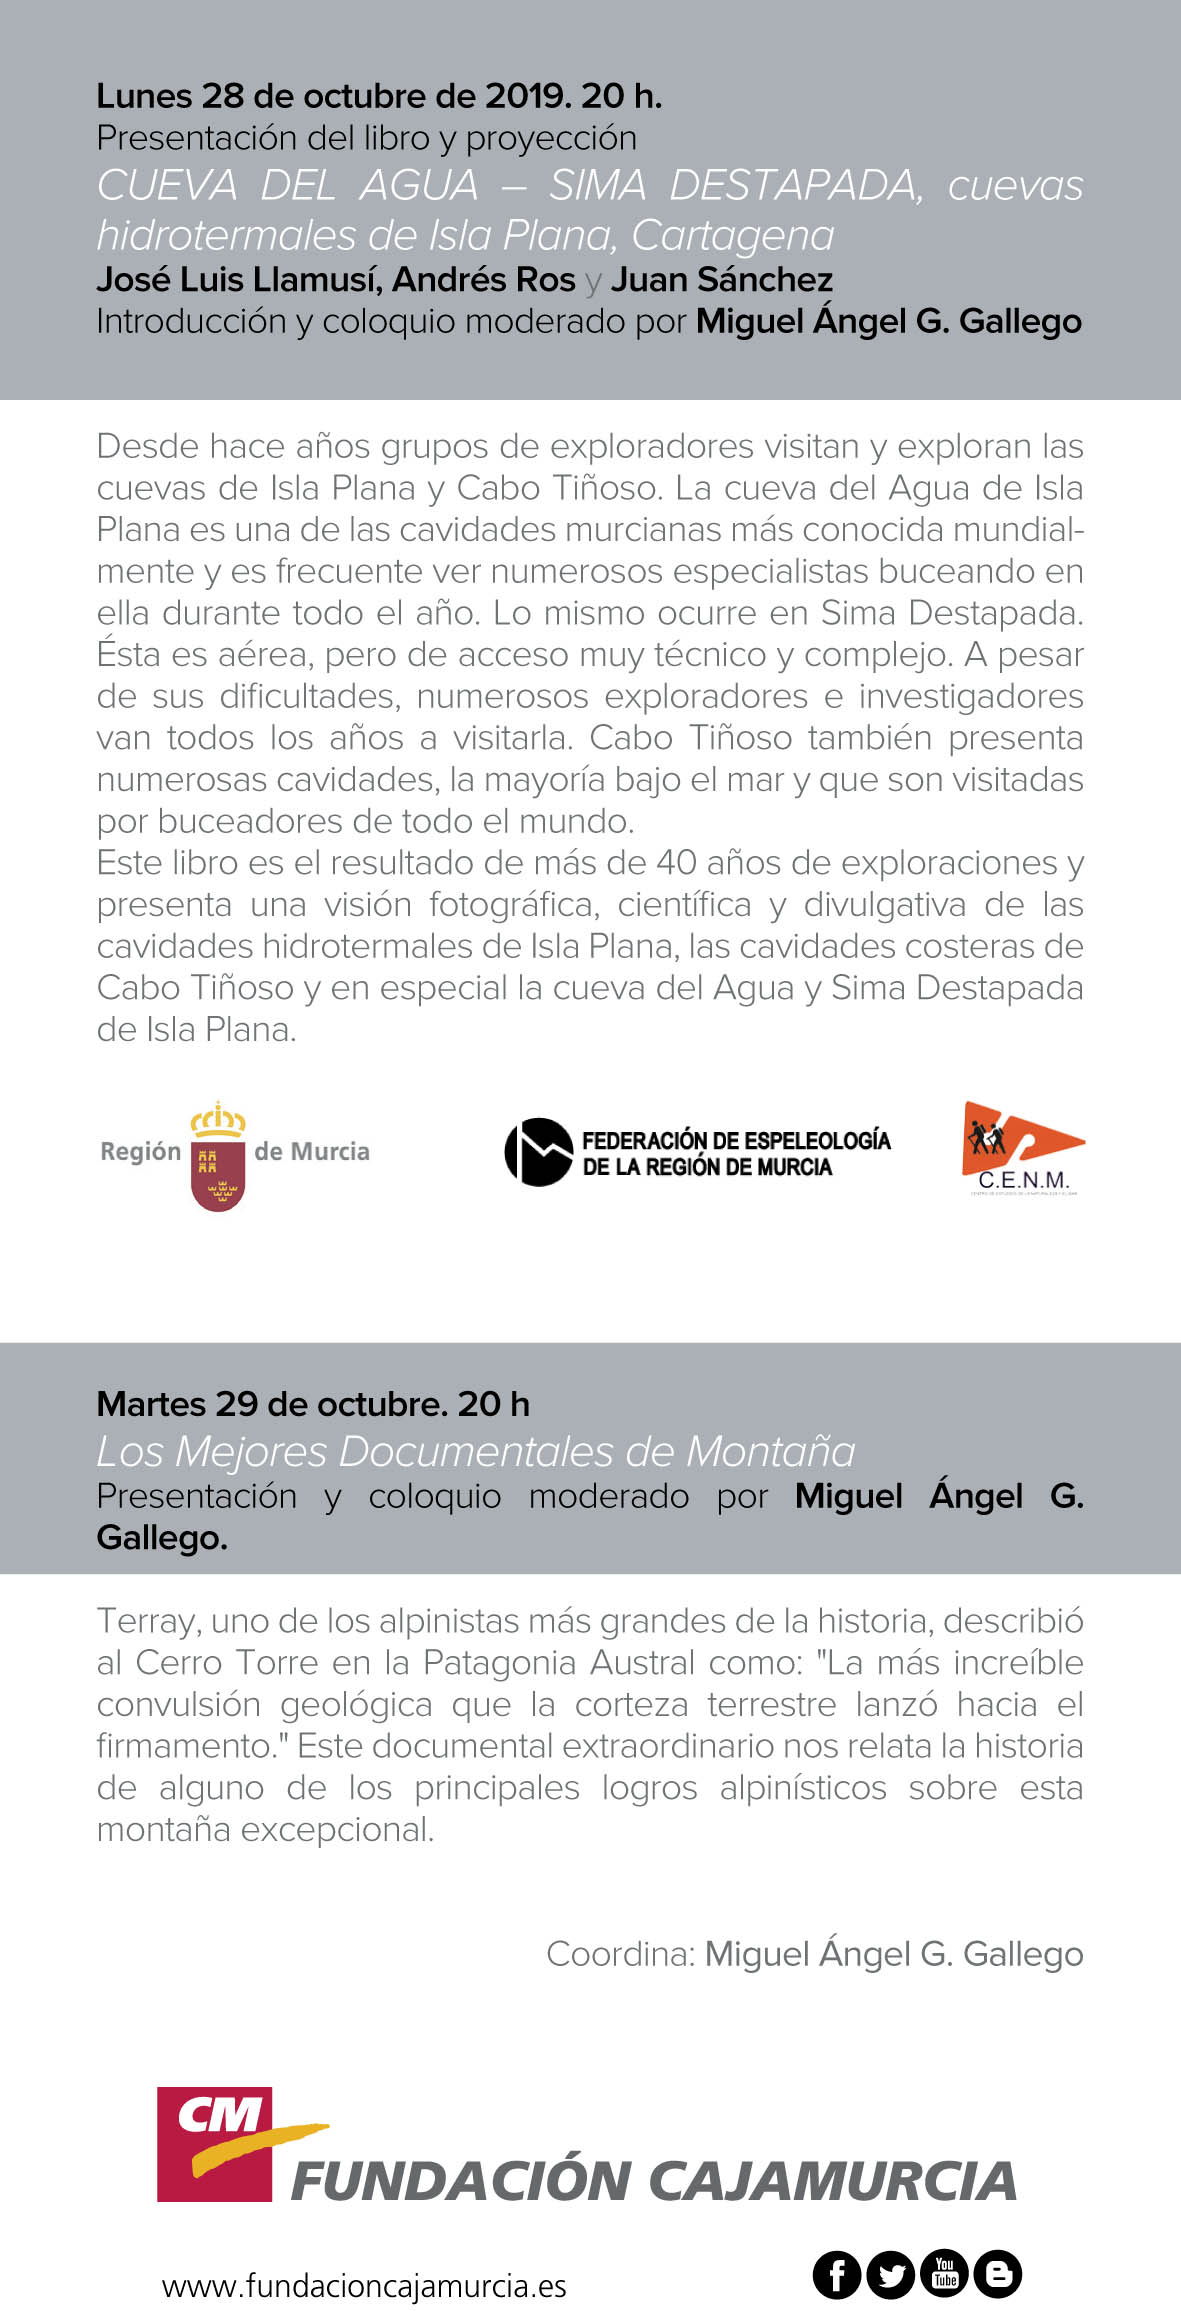 Programa de La aventura de explorar, con Fundación Cajamurcia